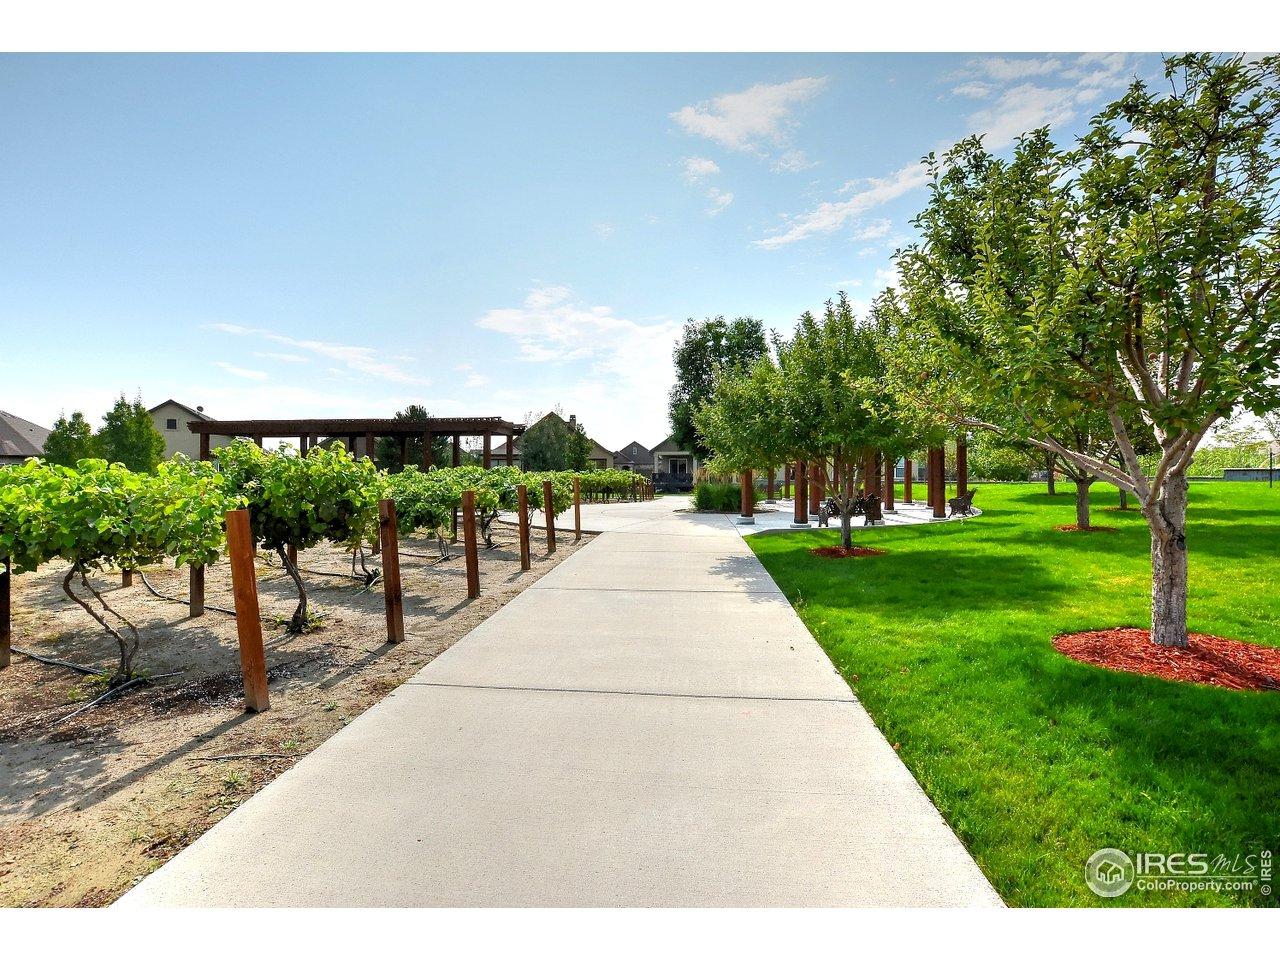 Pocket vineyard and orchard.